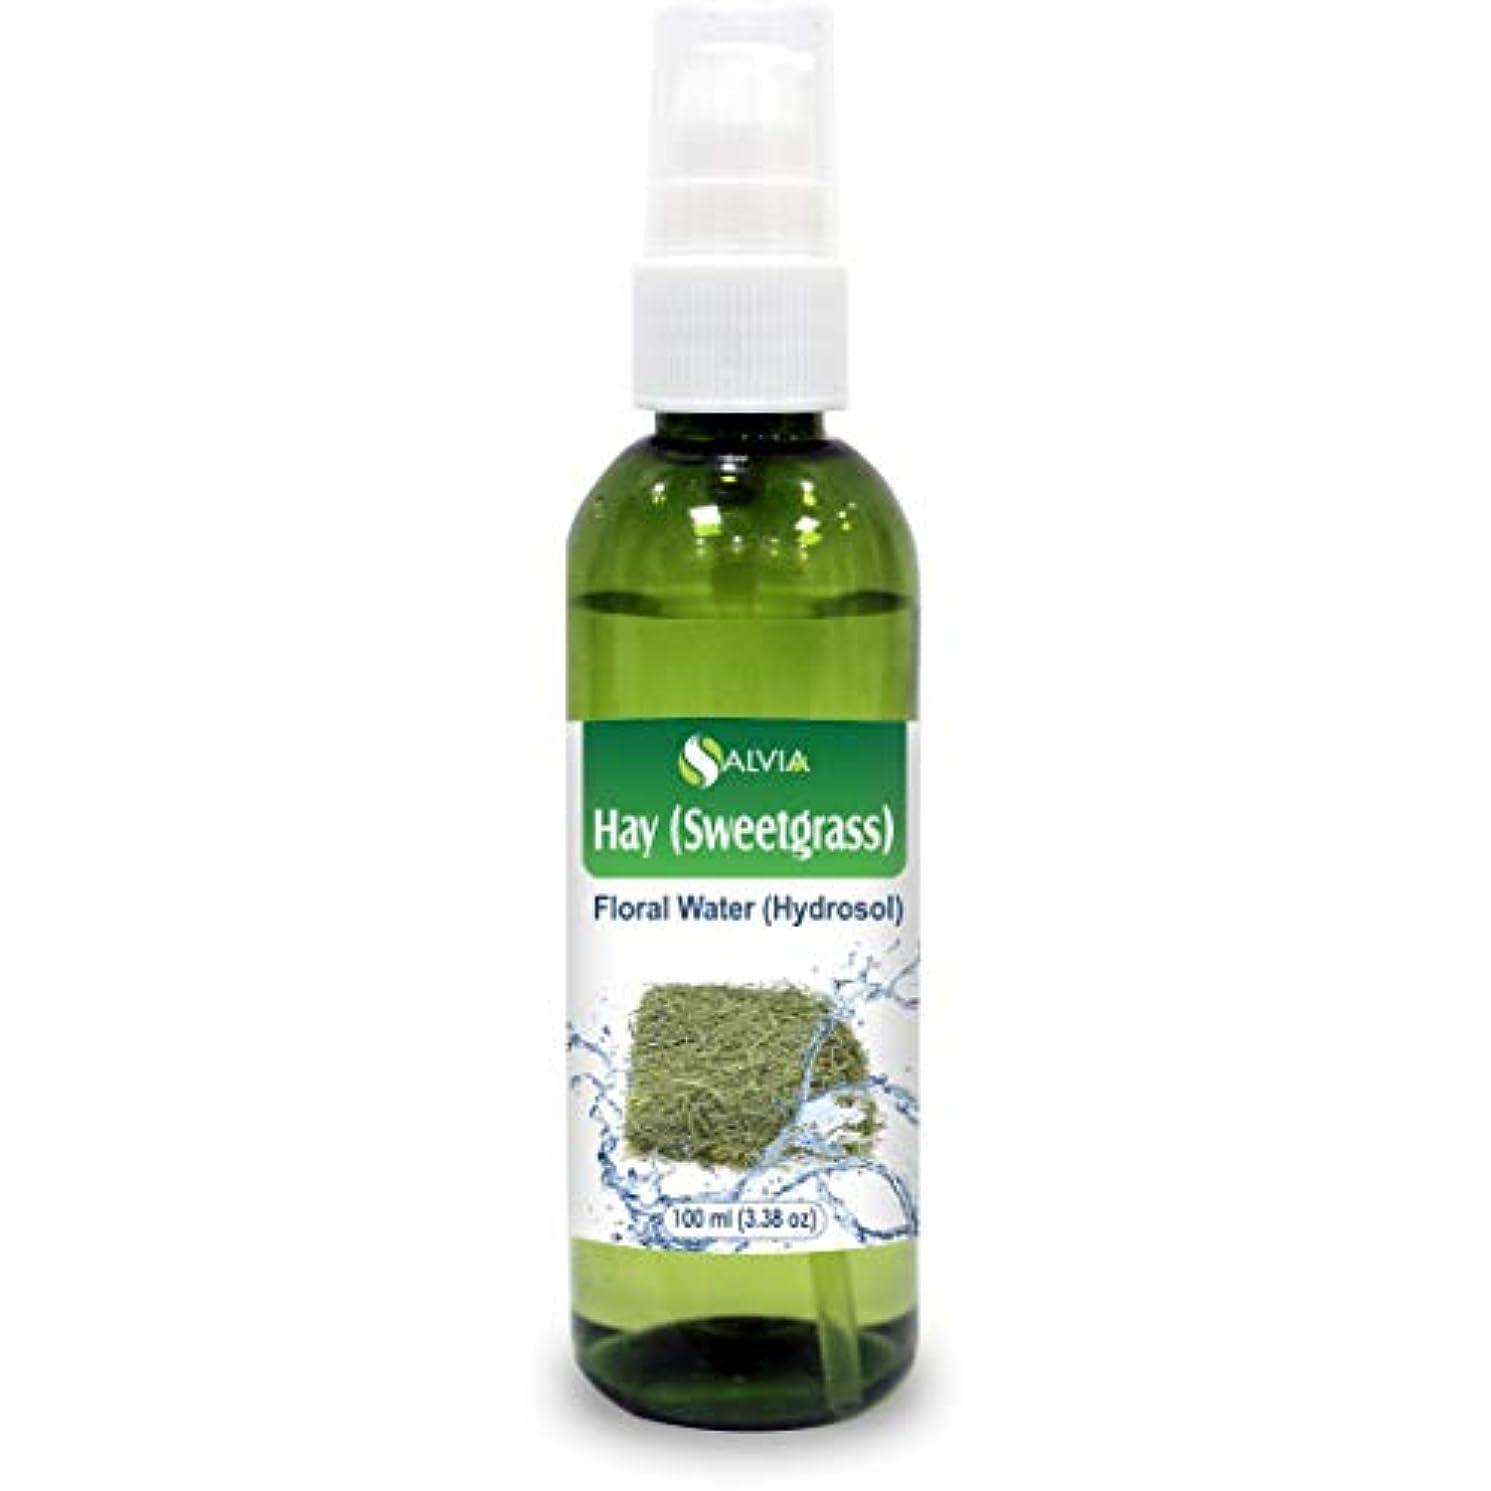 センチメンタル教育出発Hay (Sweetgrass) Floral Water 100ml (Hydrosol) 100% Pure And Natural